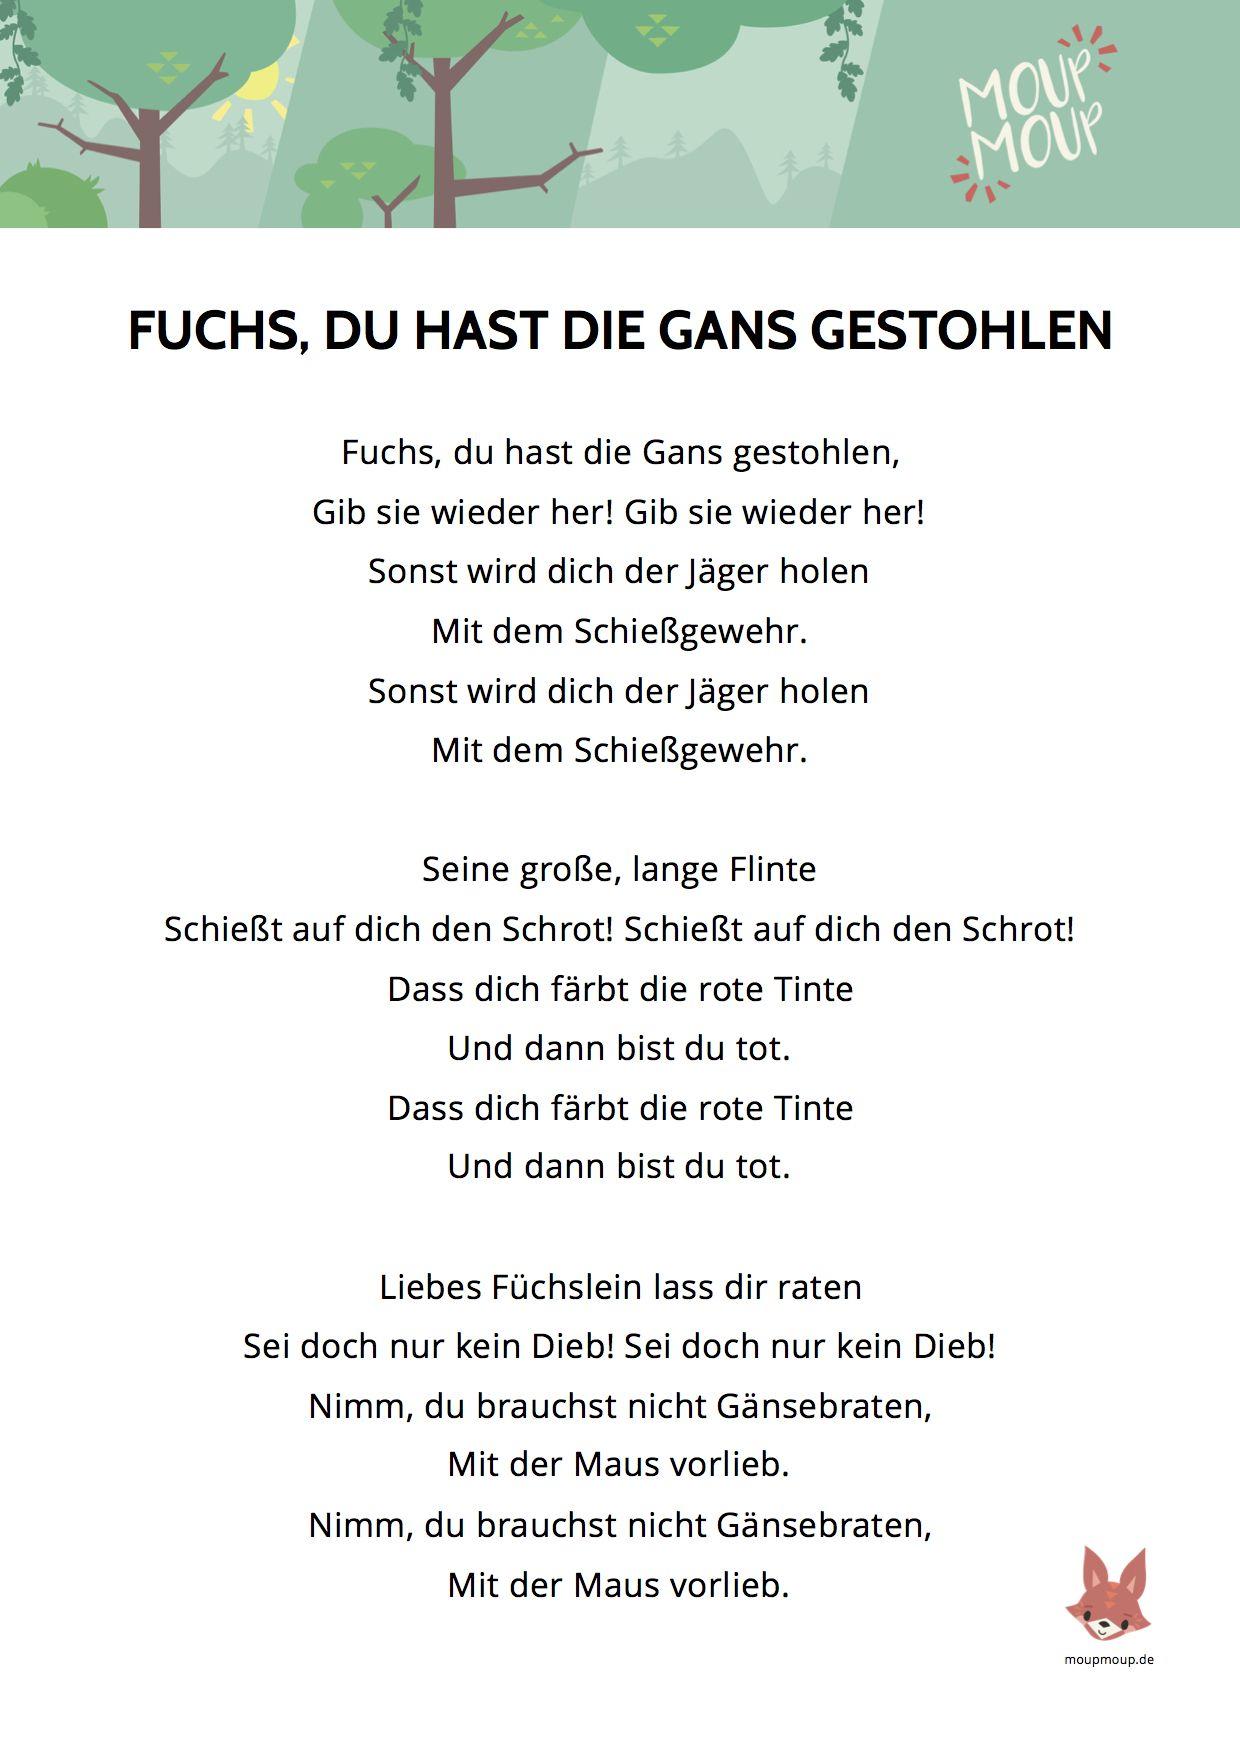 kinderlieder texte kostenlos zum ausdrucken gedichte geschichten kinder lied kinderlieder